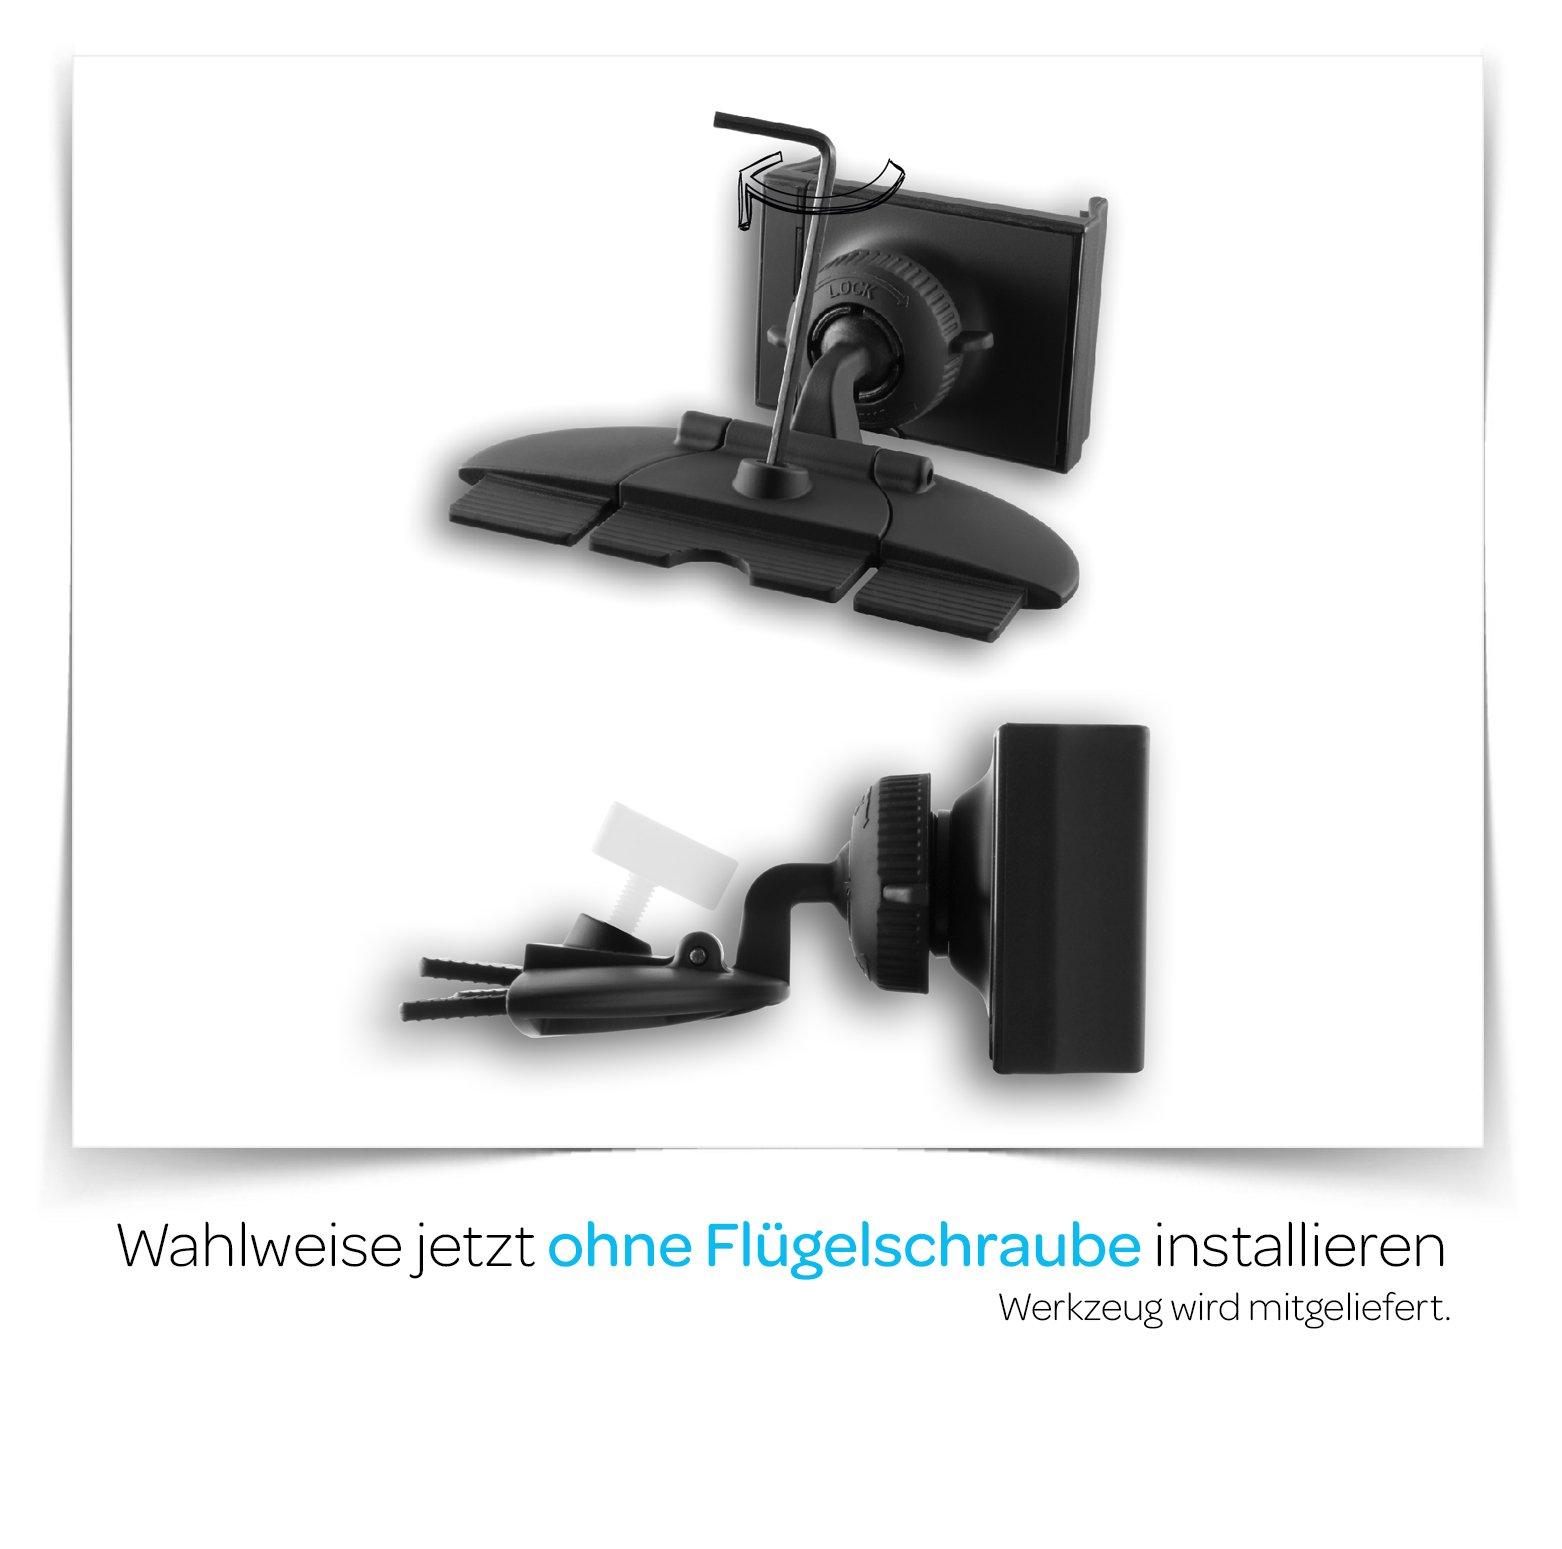 grooveclip-CD2-Slider-KFZ-Halterung-fr-den-CD-Schlitz-Handyhalterung-mit-Slider-Technologie-Halterung-passt-in-jeden-gewhnlichen-Auto-CD-Player-universell-fr-Apple-iPhone-Samsung-Navi-uvm